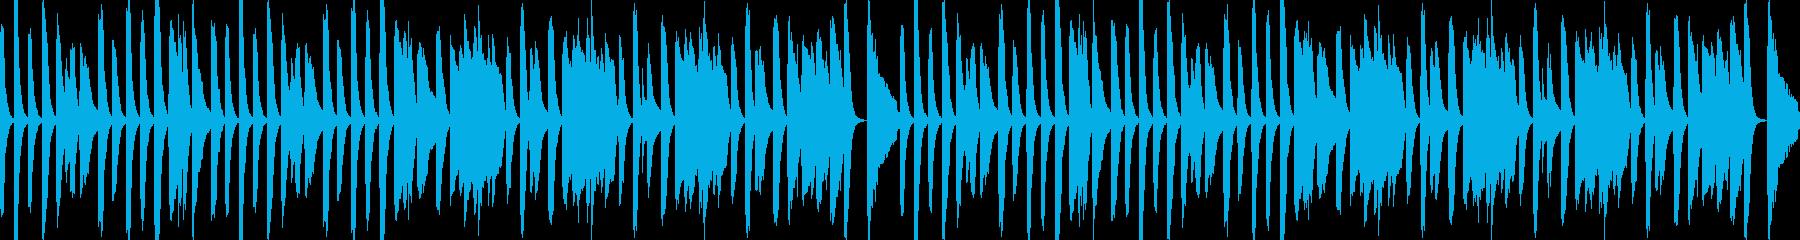 YouTubeトーク・楽しい会話の再生済みの波形